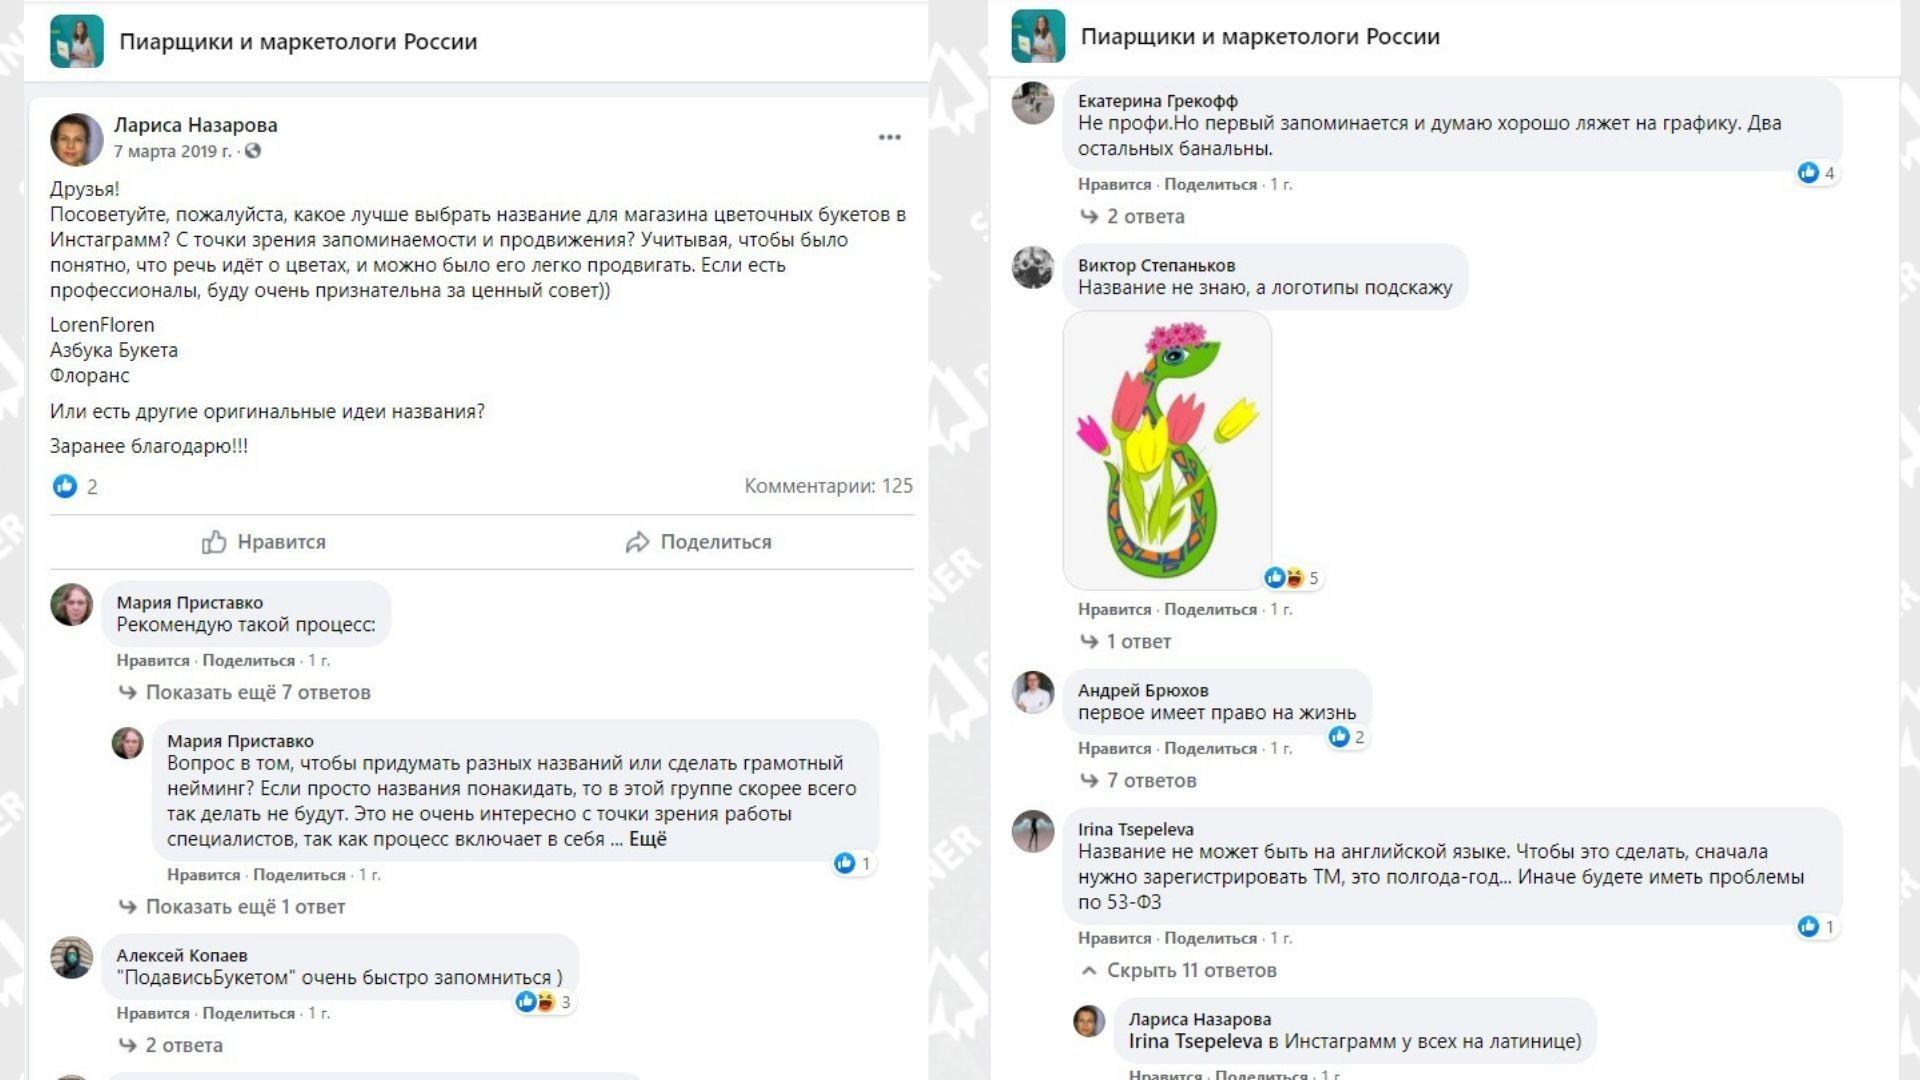 Так сообщество в Фейсбуке поработало фокус-группой